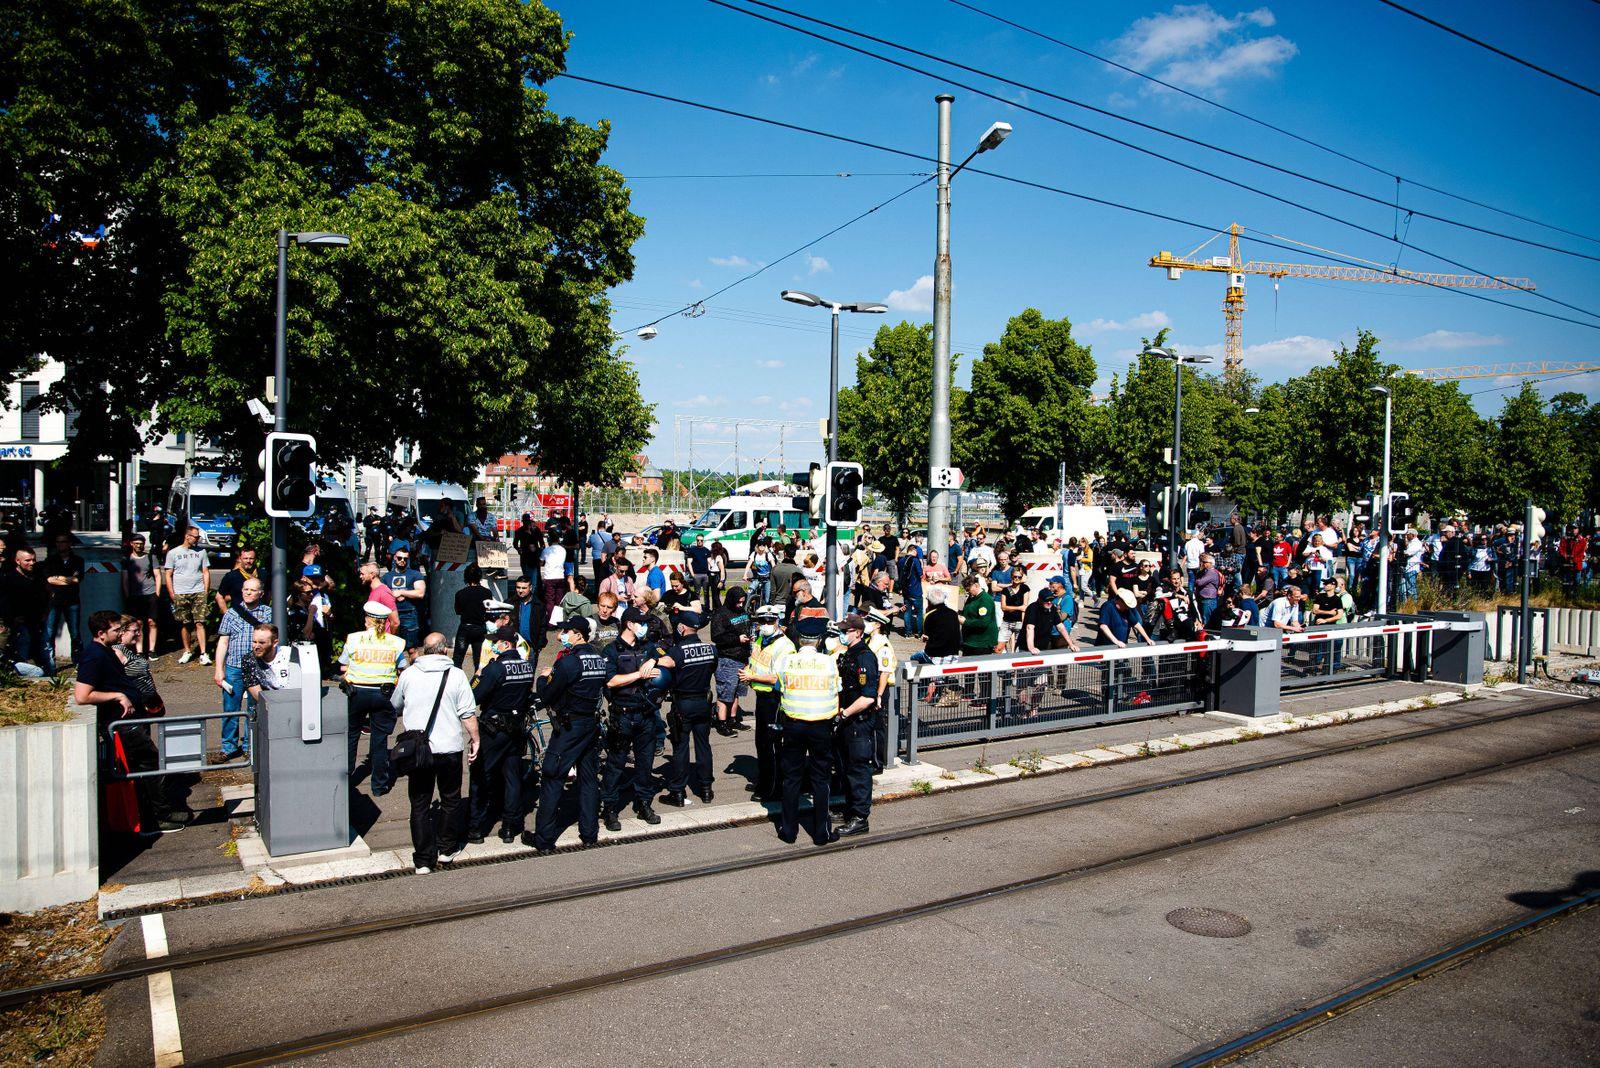 Querdenker Demo auf dem Wasen - Michael Ballweg kündigt an keine Demonstrationen mehr zu Organisieren - Ballweg gibt St